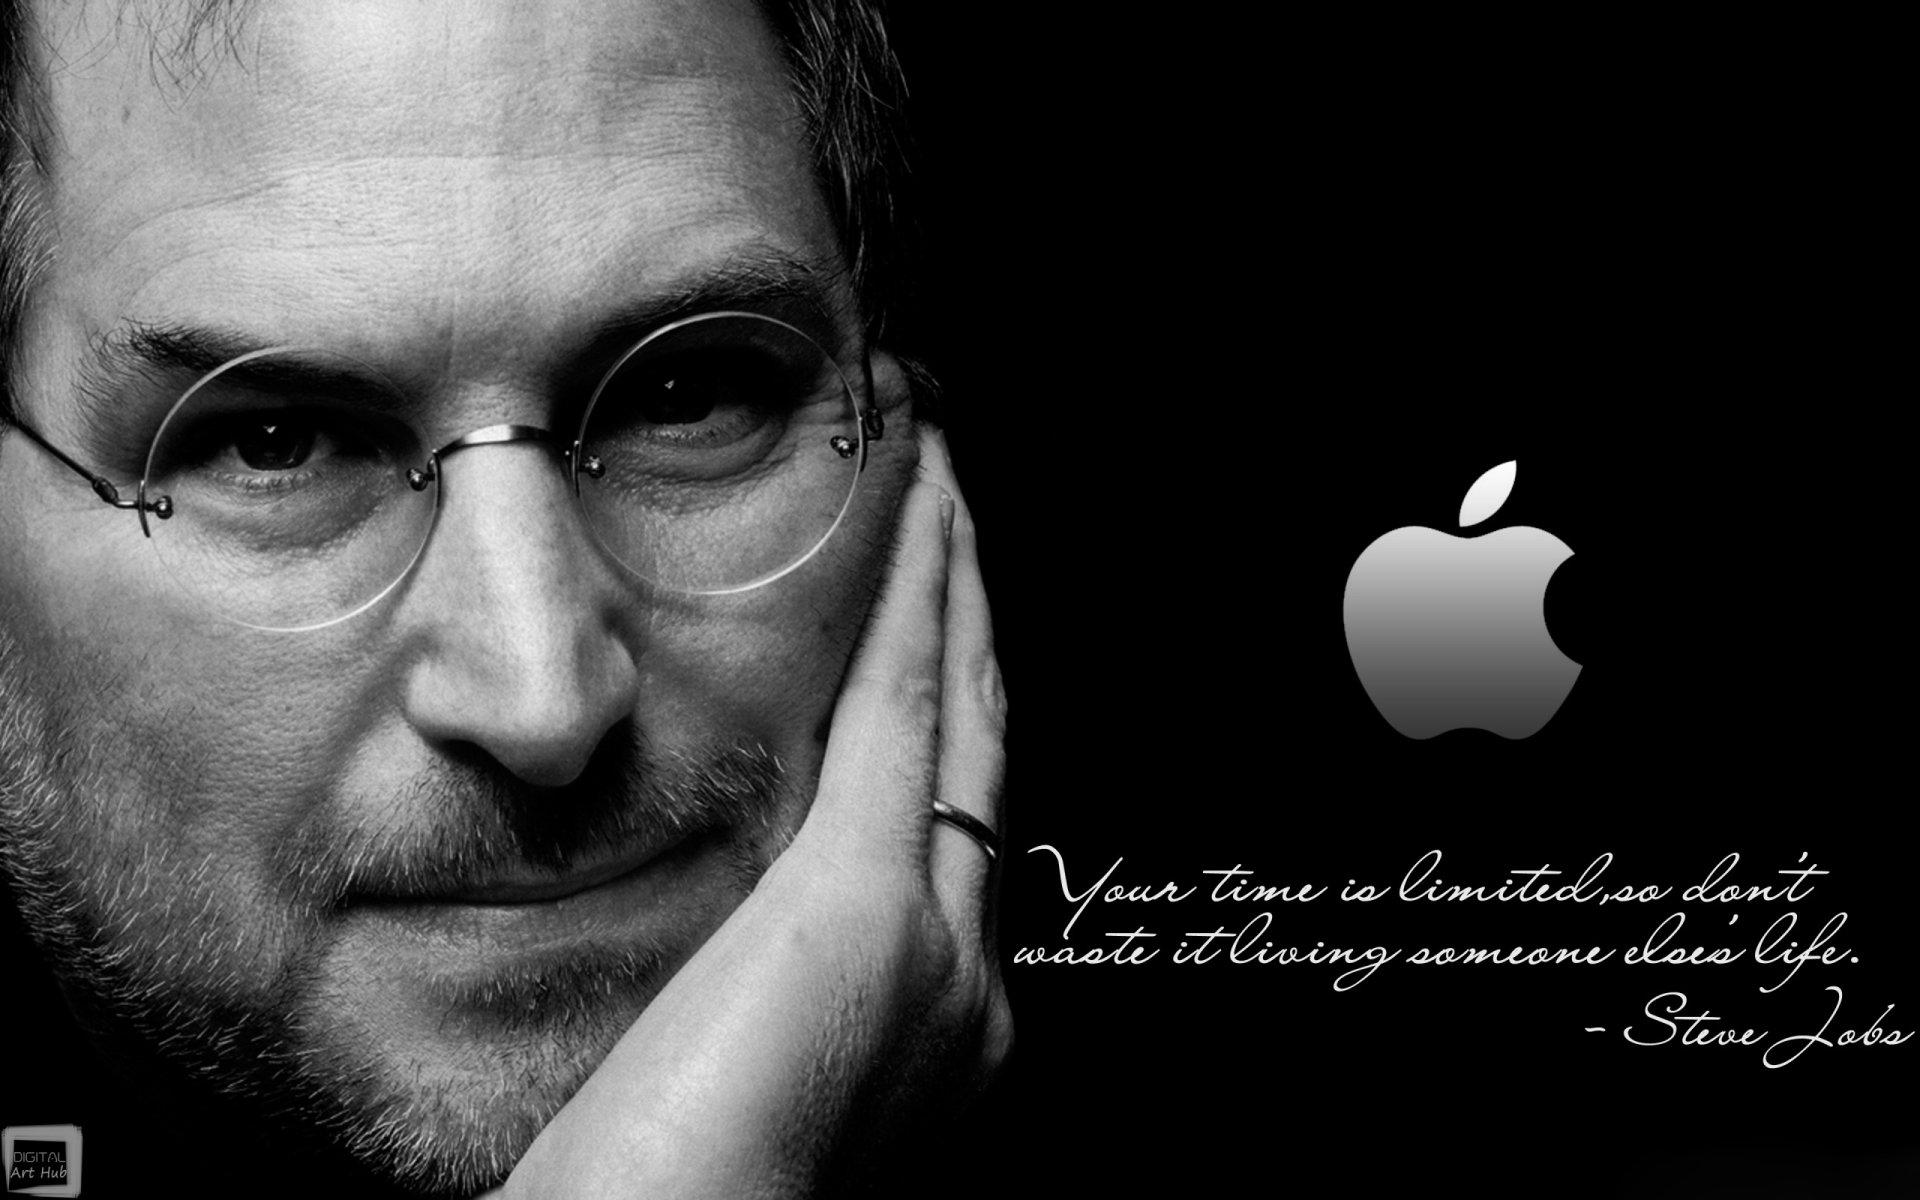 Steve Jobs Fondos De Pantalla De Steve Jobs Wallpapers Hd